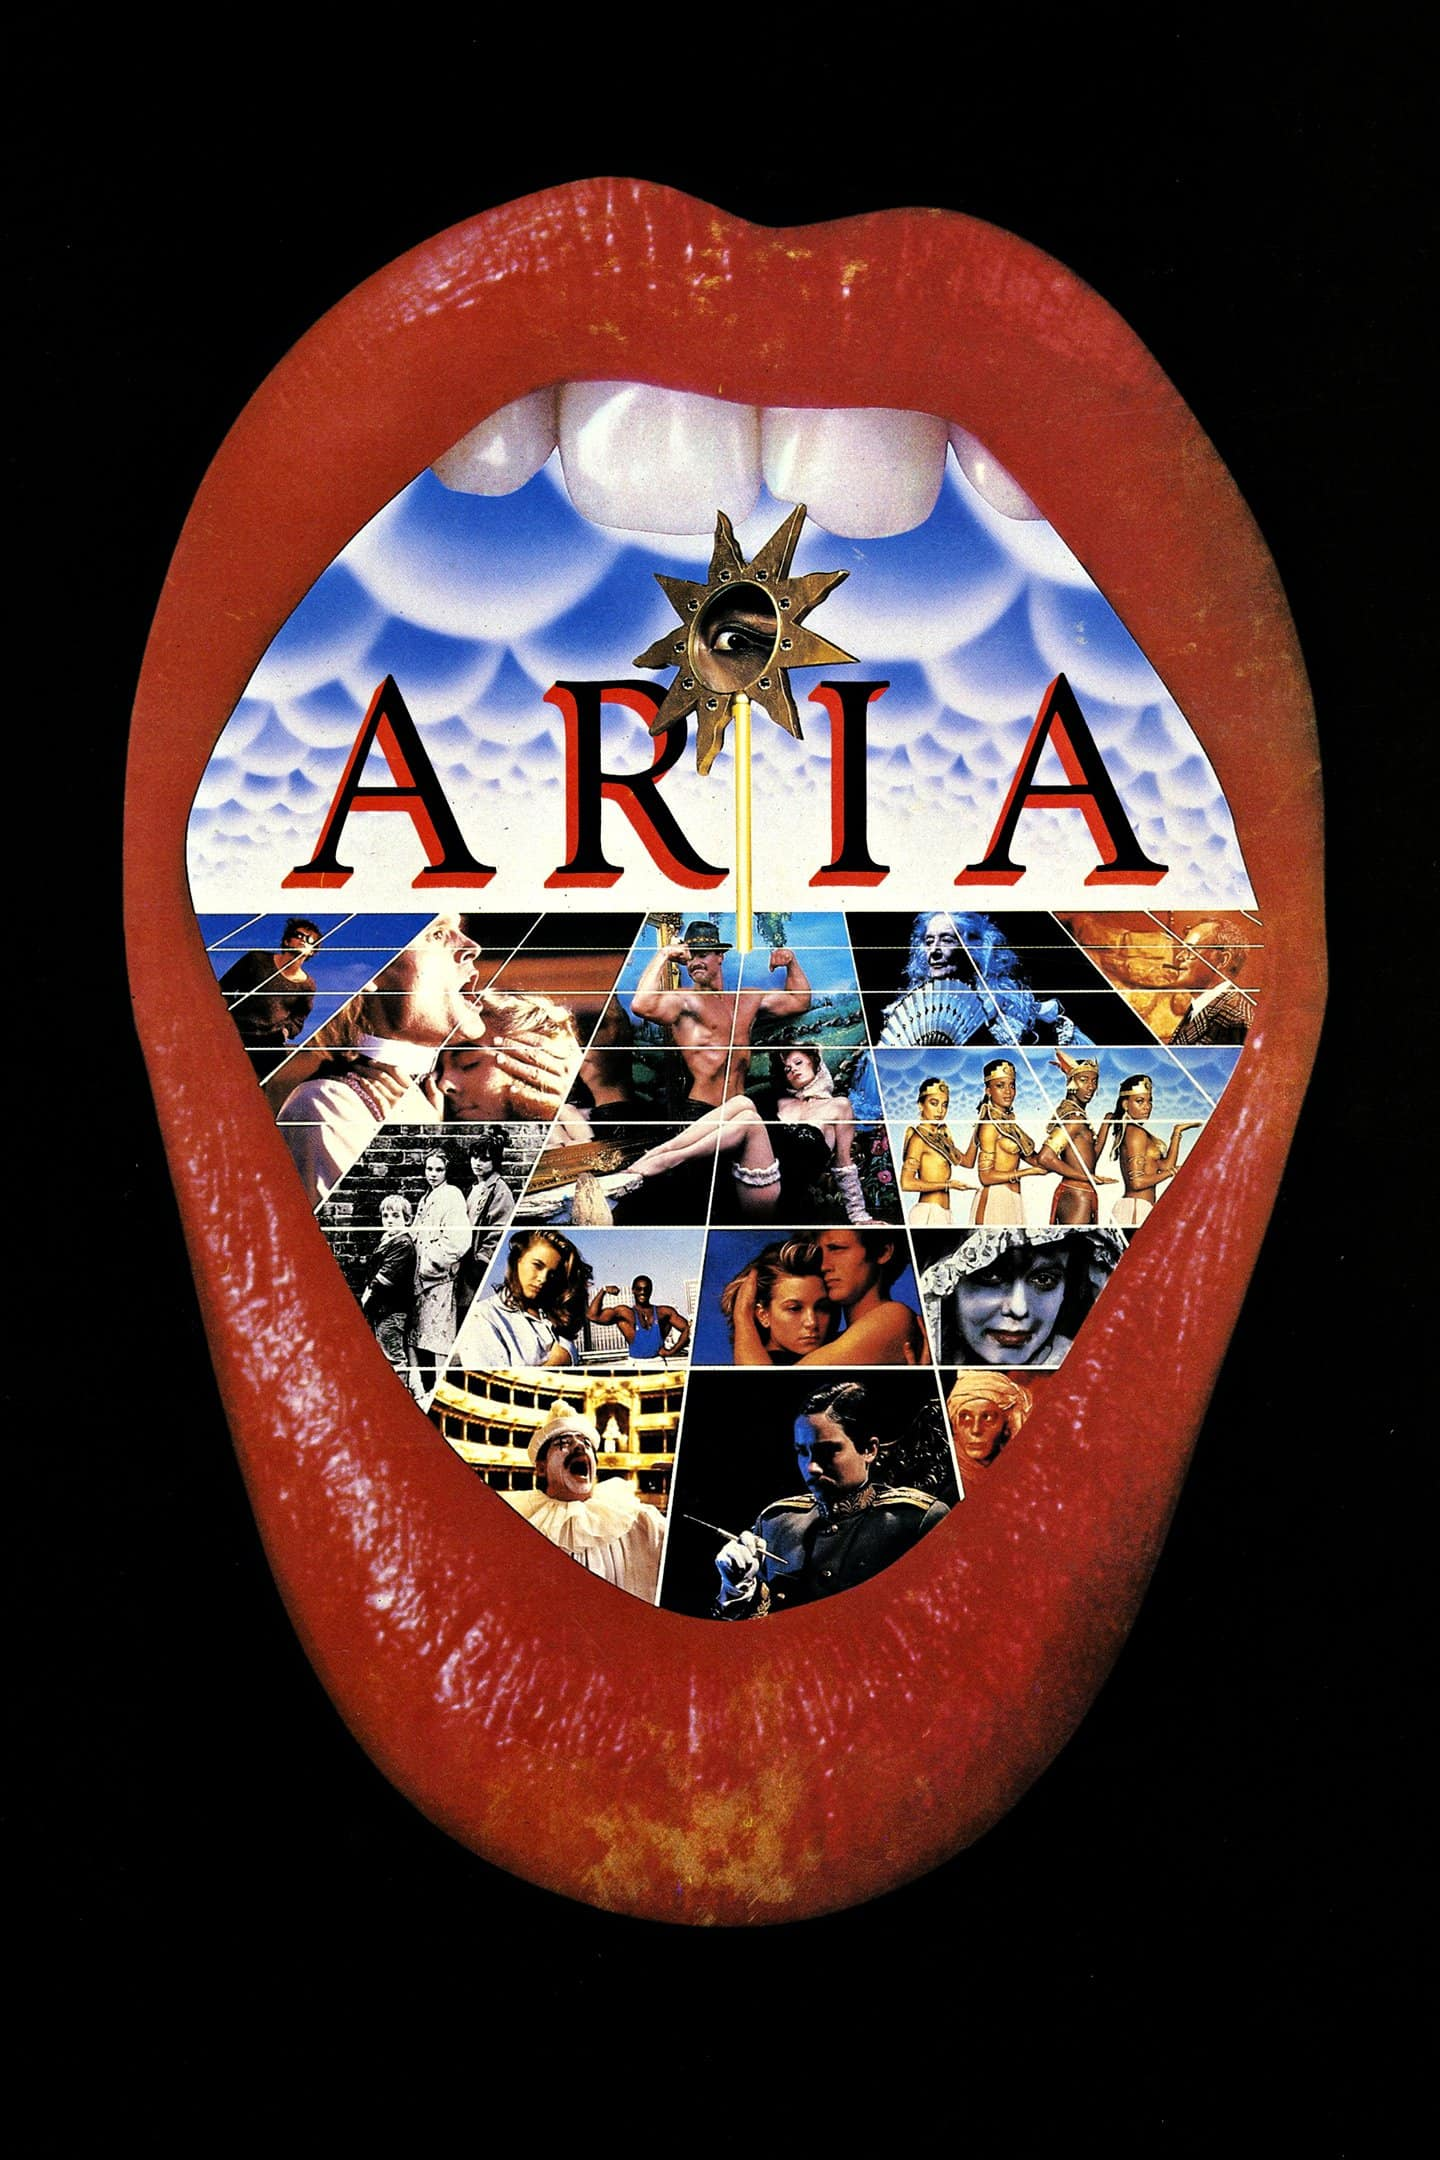 Aria, 1987